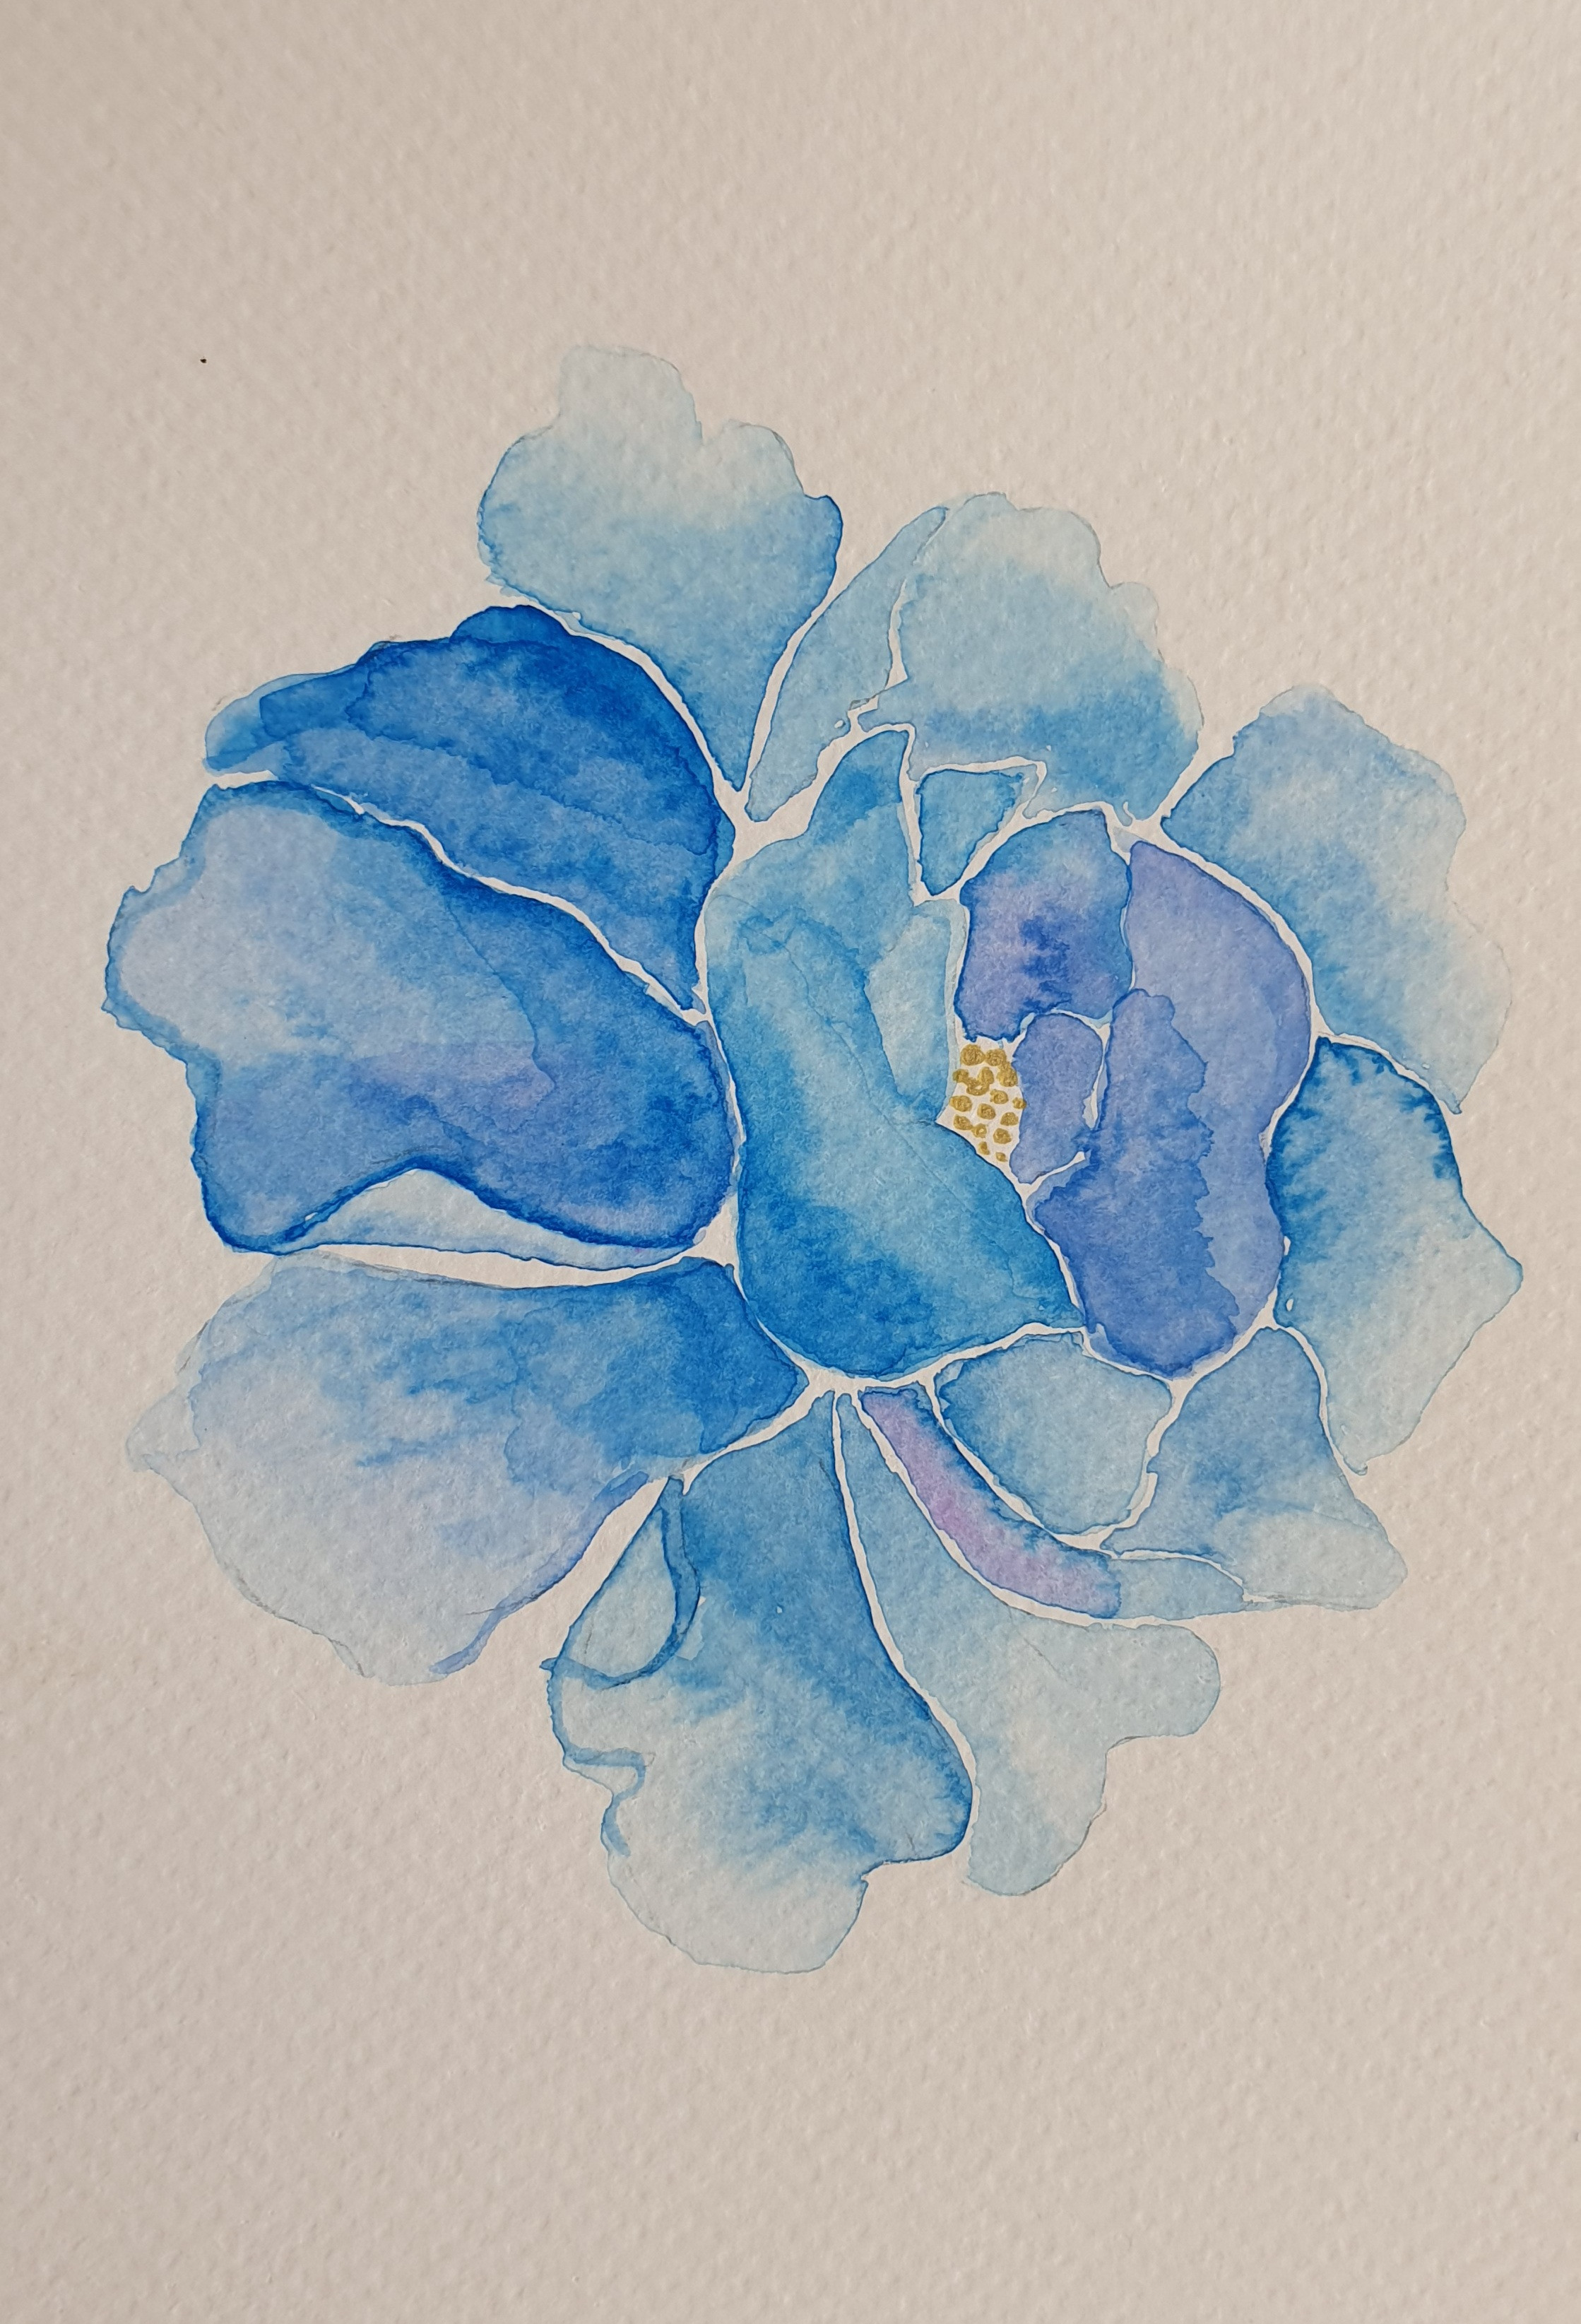 Kezdő akvarellfestő workshop 09.21. 17h